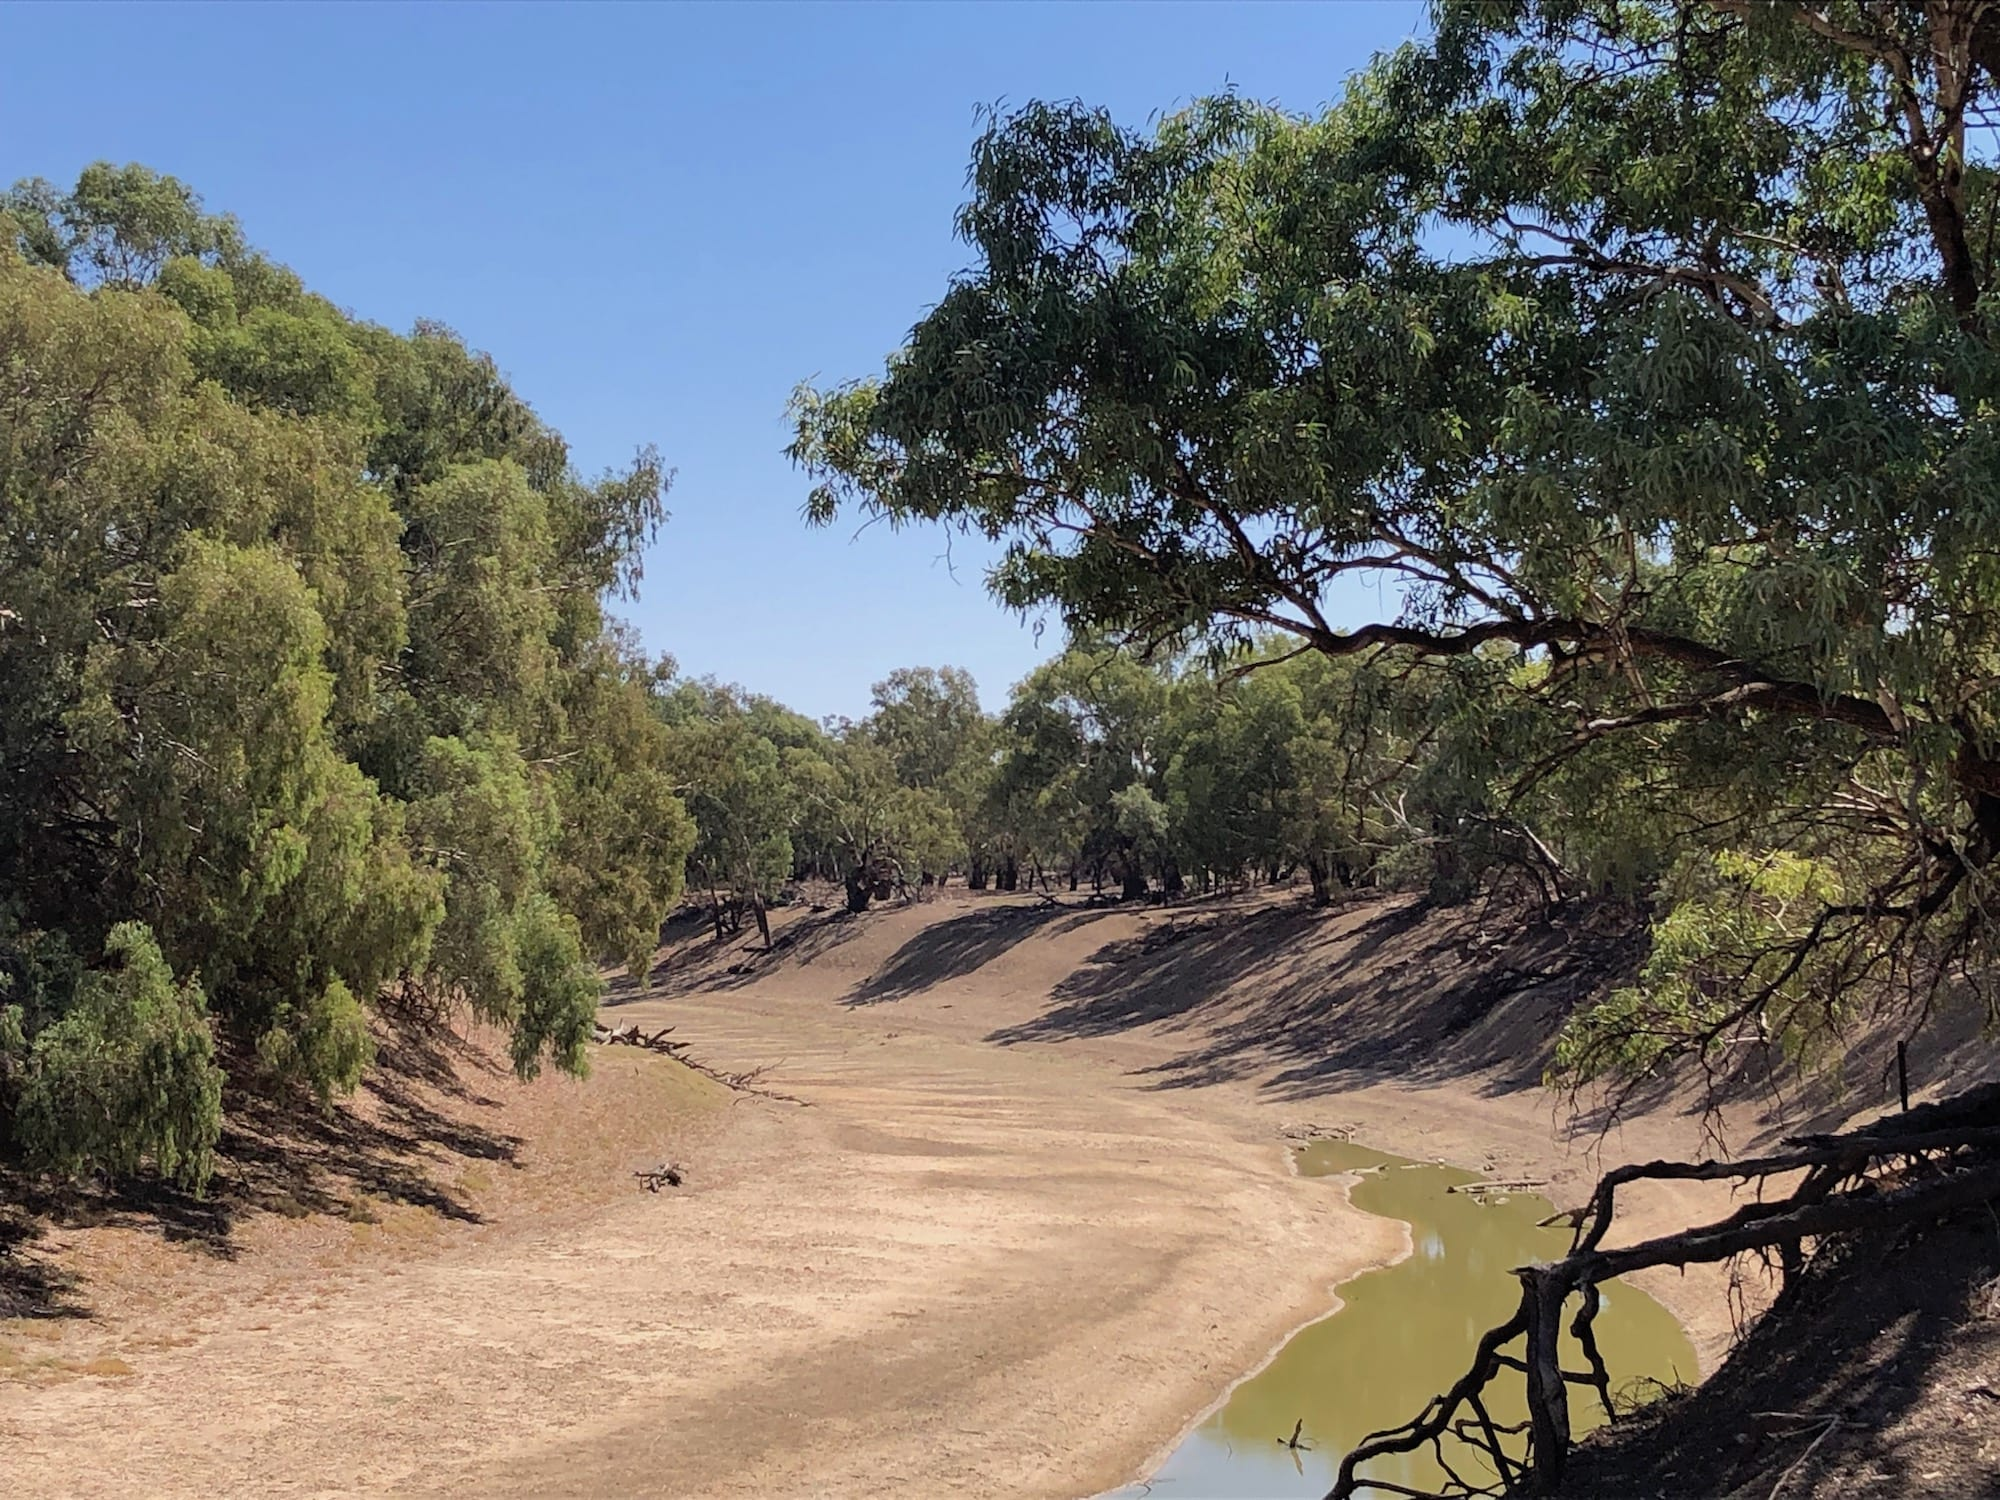 Bone dry Darling River south of Tilpa in April 2018. Murray Darling Basin.